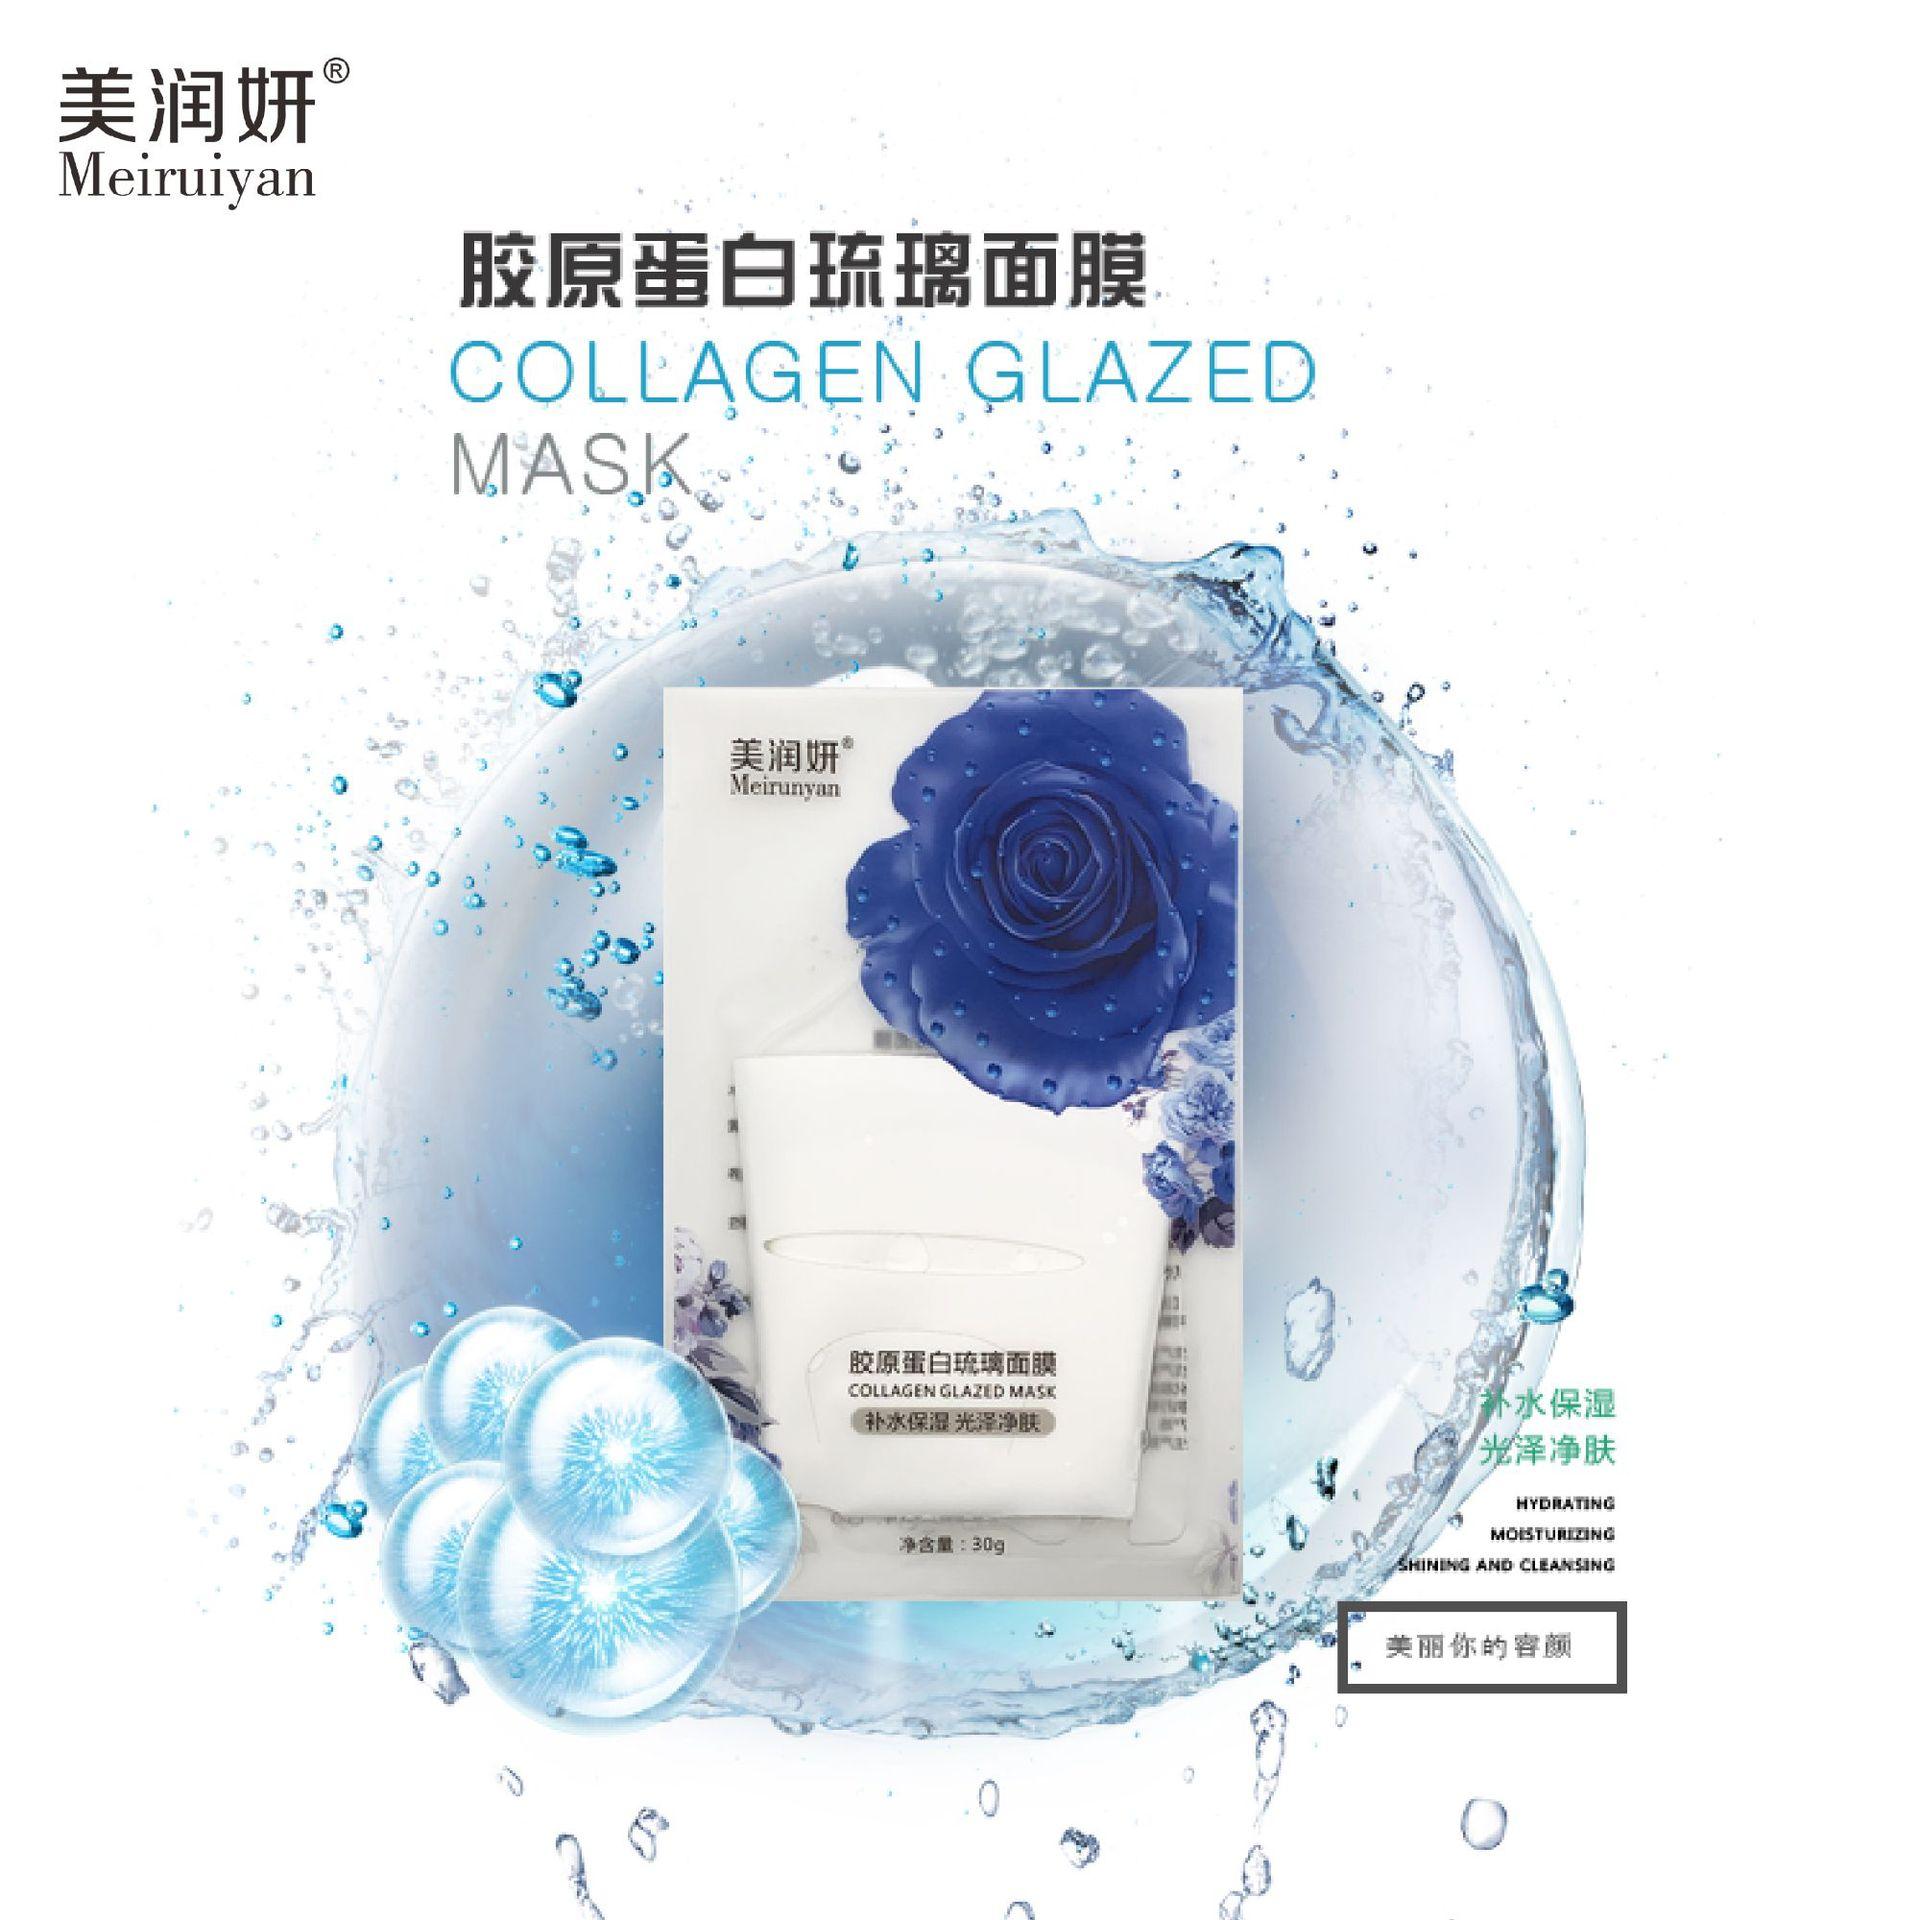 美润妍胶原蛋白琉璃面膜 补水保湿光泽净肤舒缓修护